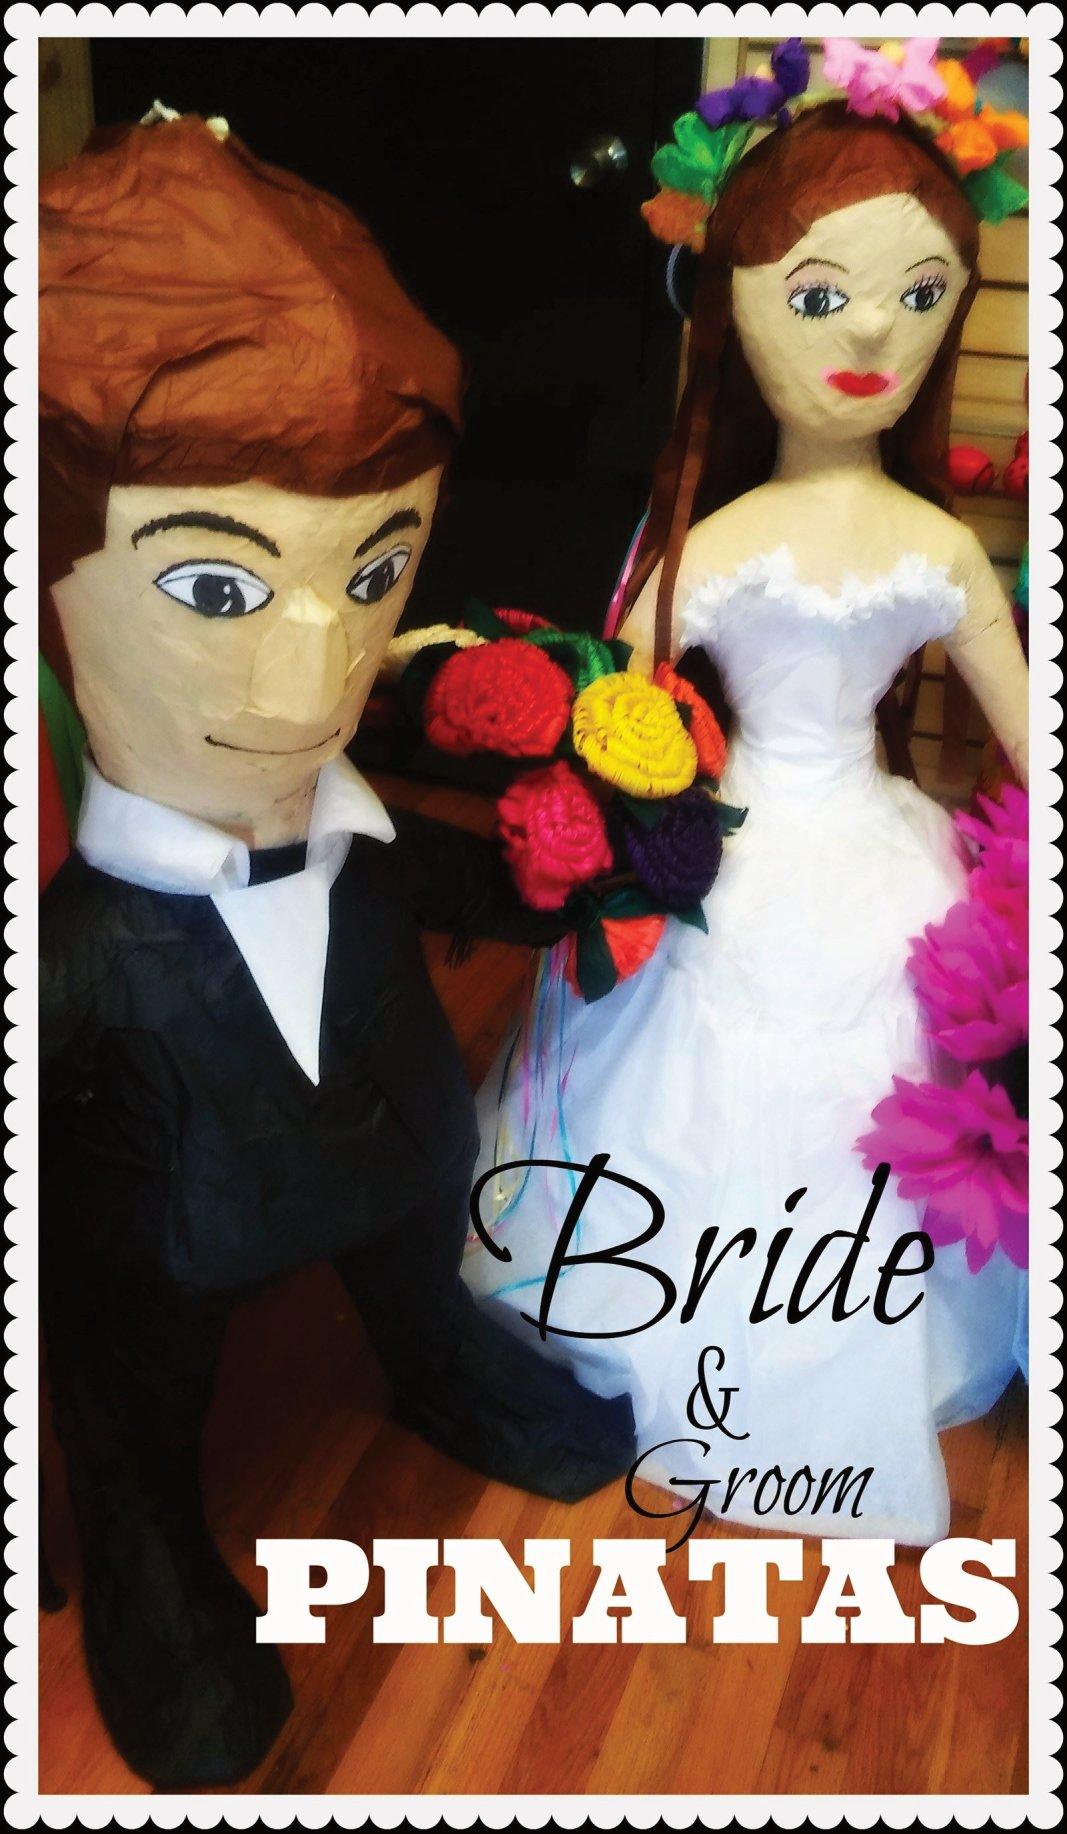 Wedding bride & Groom pinata by The Cascaron Store in San Antonio, Texas